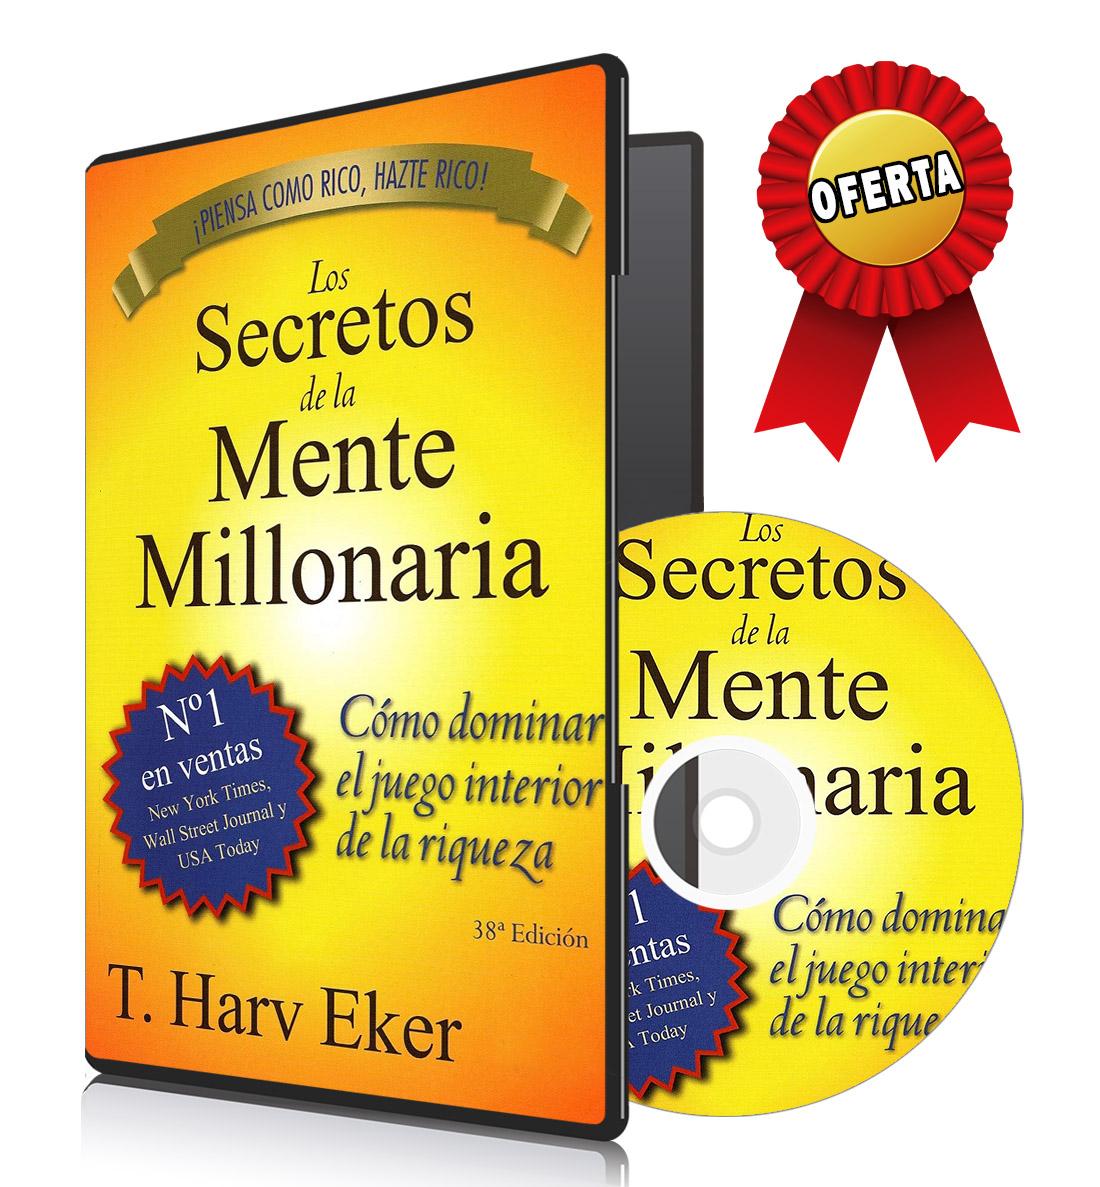 Los Secretos De La Mente Millonaria T Harv Eker Audiolibro Y Ebook Pdf Libros De Millonarios